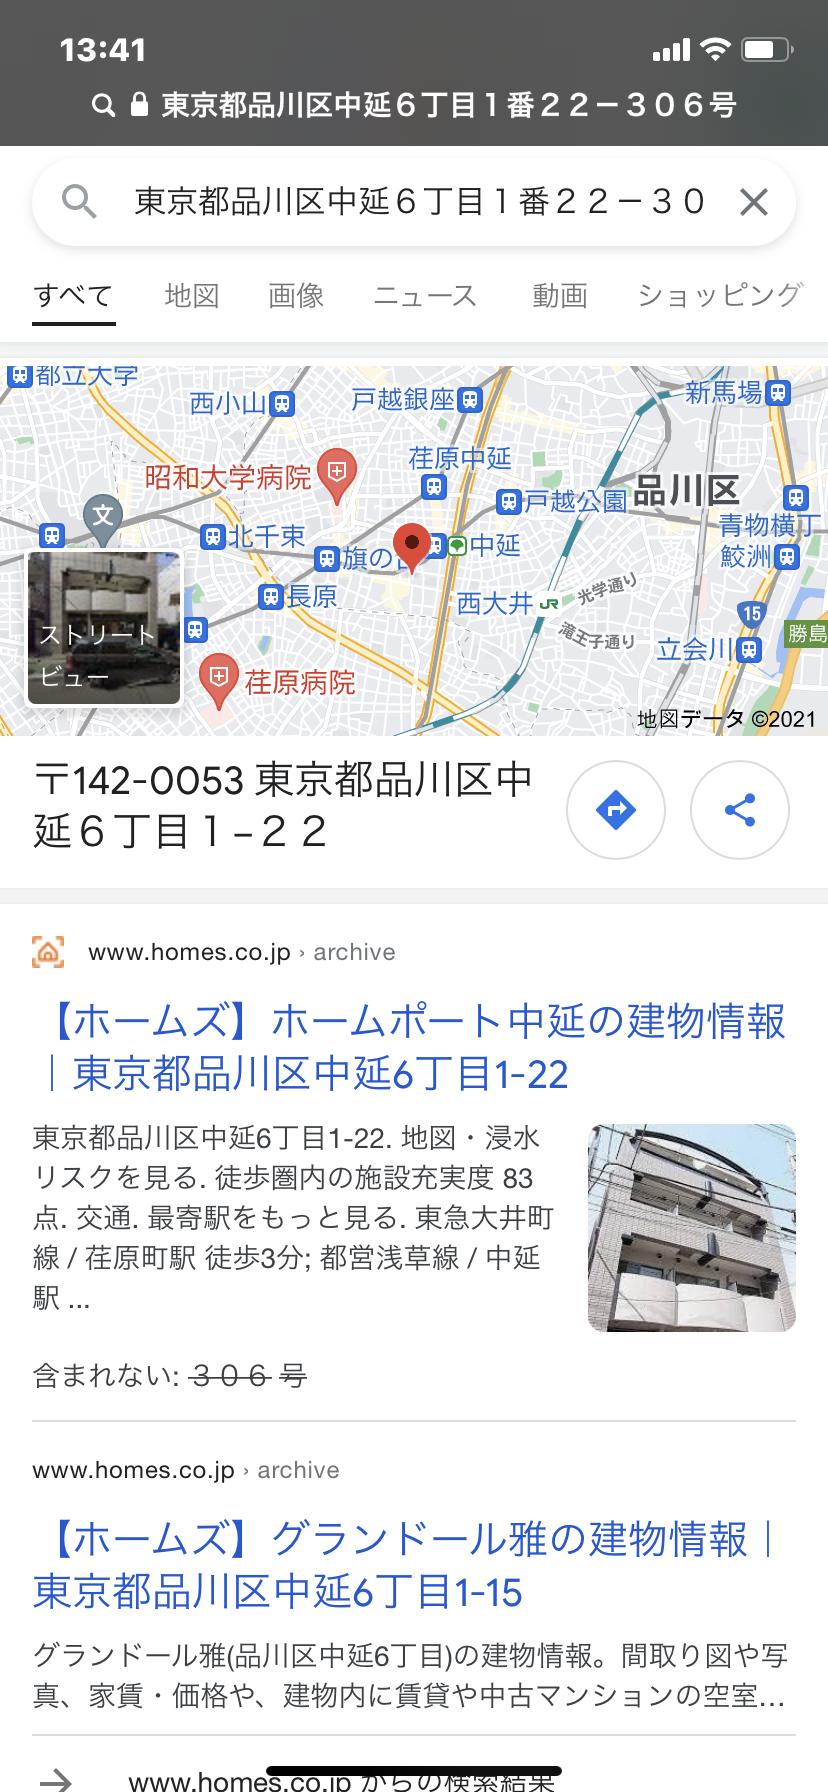 万舟JAPANの運営住所